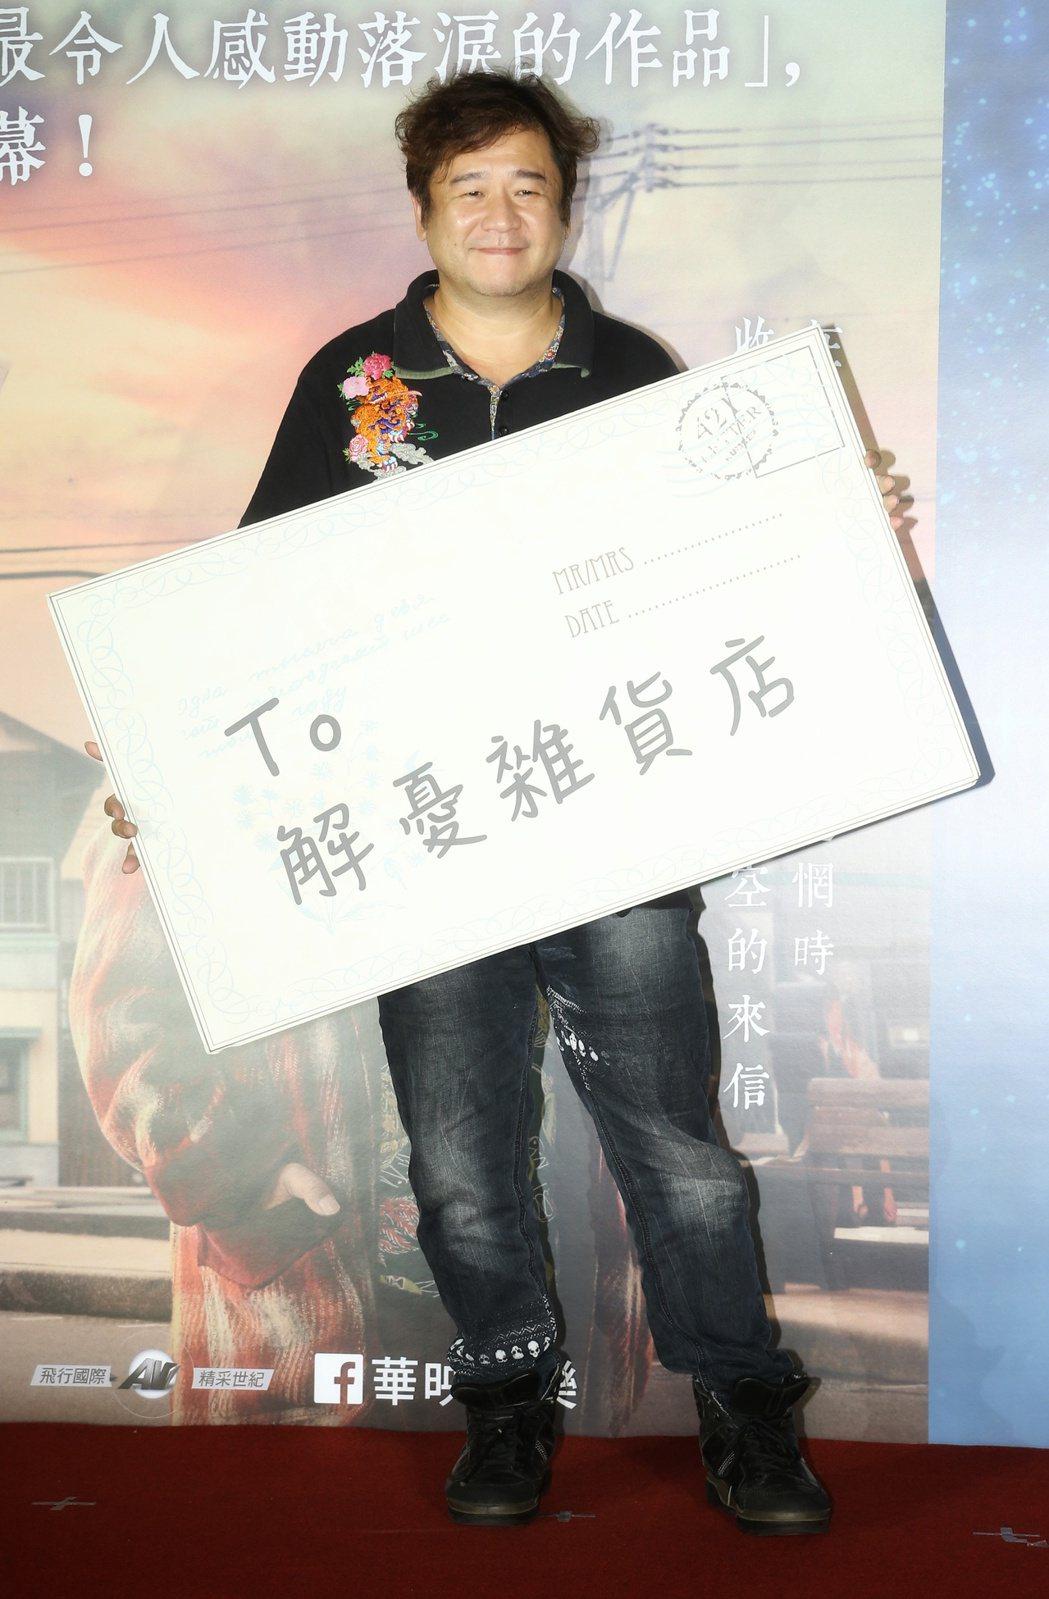 解憂雜貨店首映,瞿友寧出席。記者陳立凱/攝影